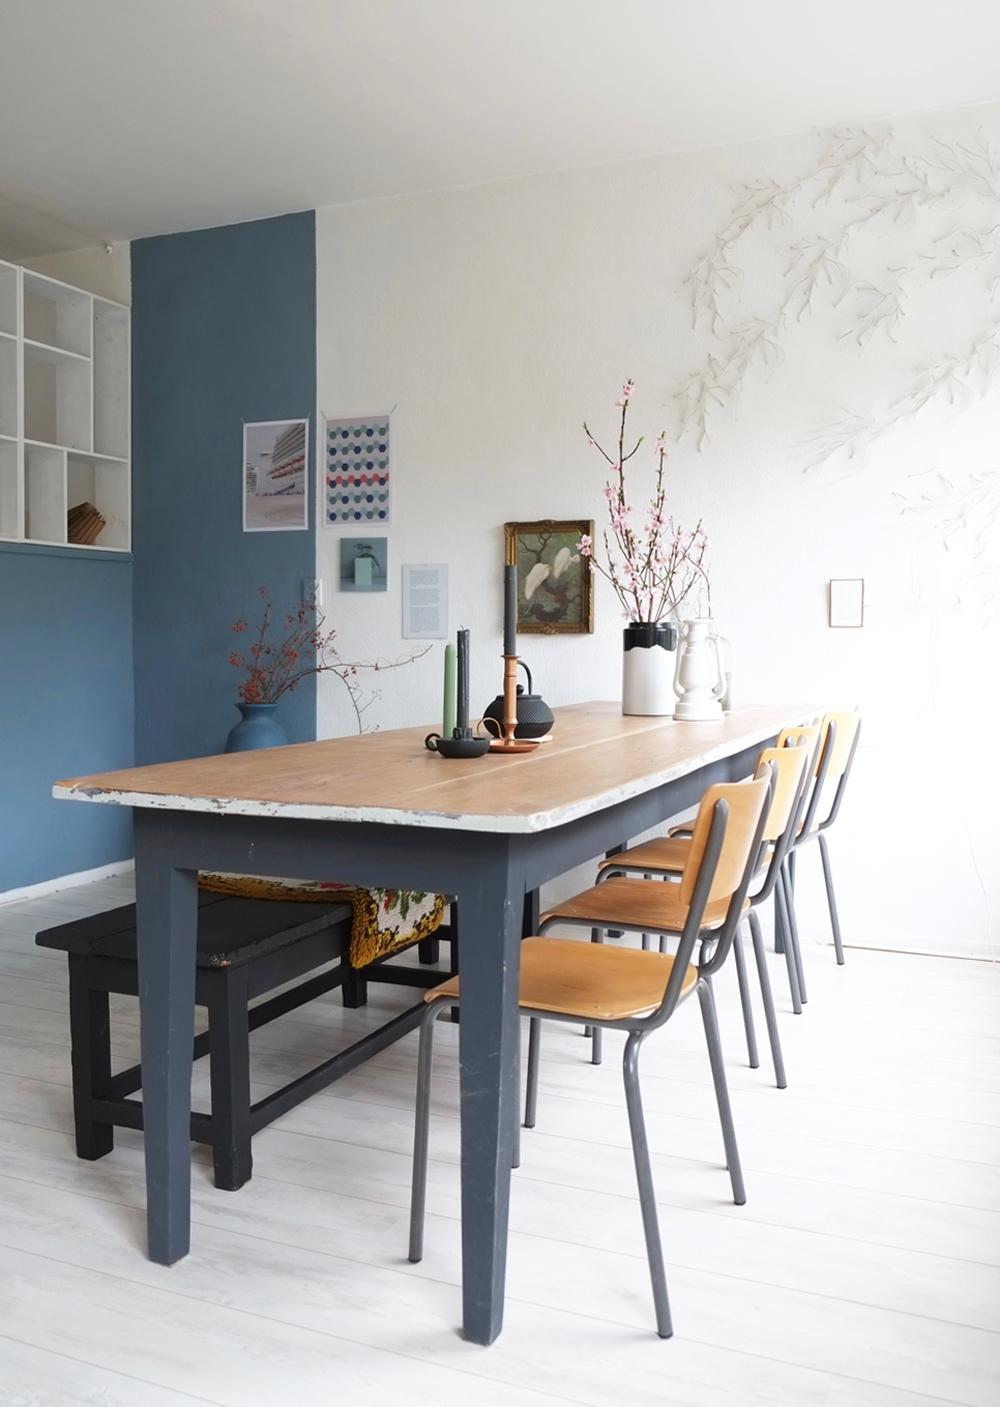 3 x een andere stijl met tafel en eetkamerstoelen - Tafel een kribbe stijl industriel ...